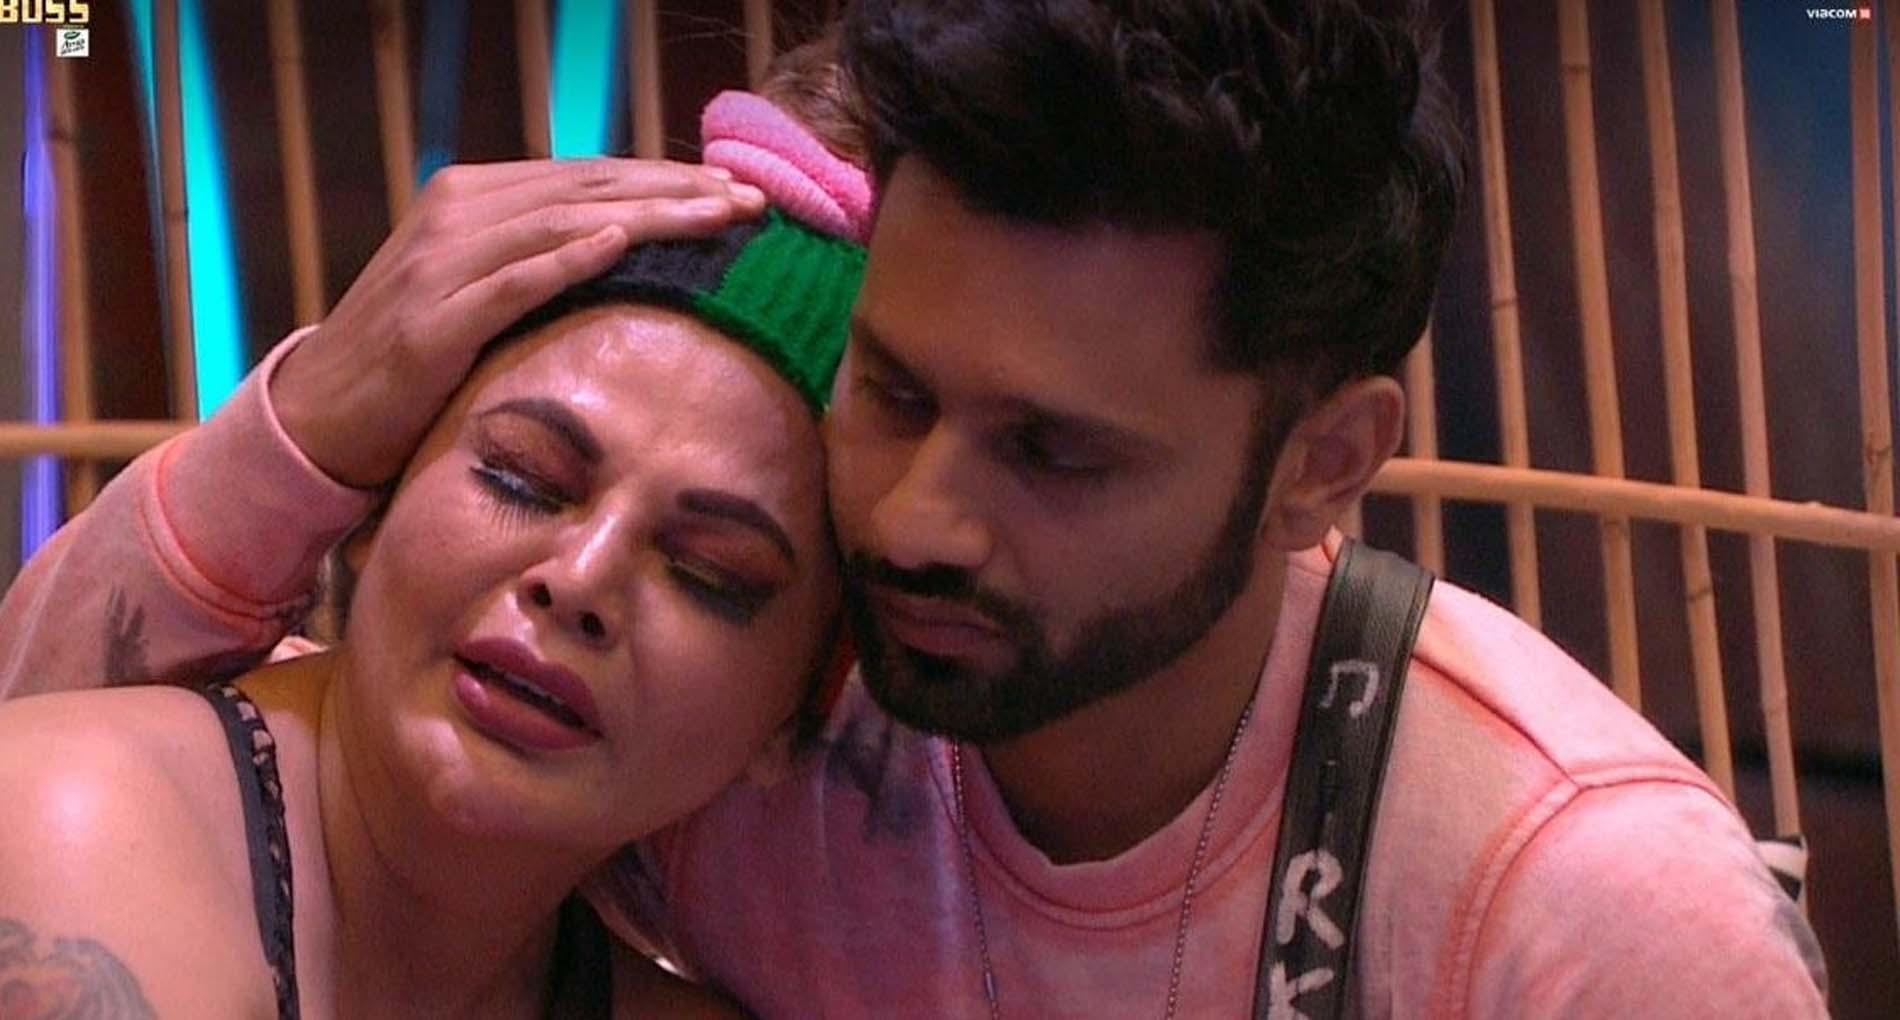 Bigg Boss 14: राहुल वैद्य के सामने राखी सावंत ने खोले निजी जीवन के राज!